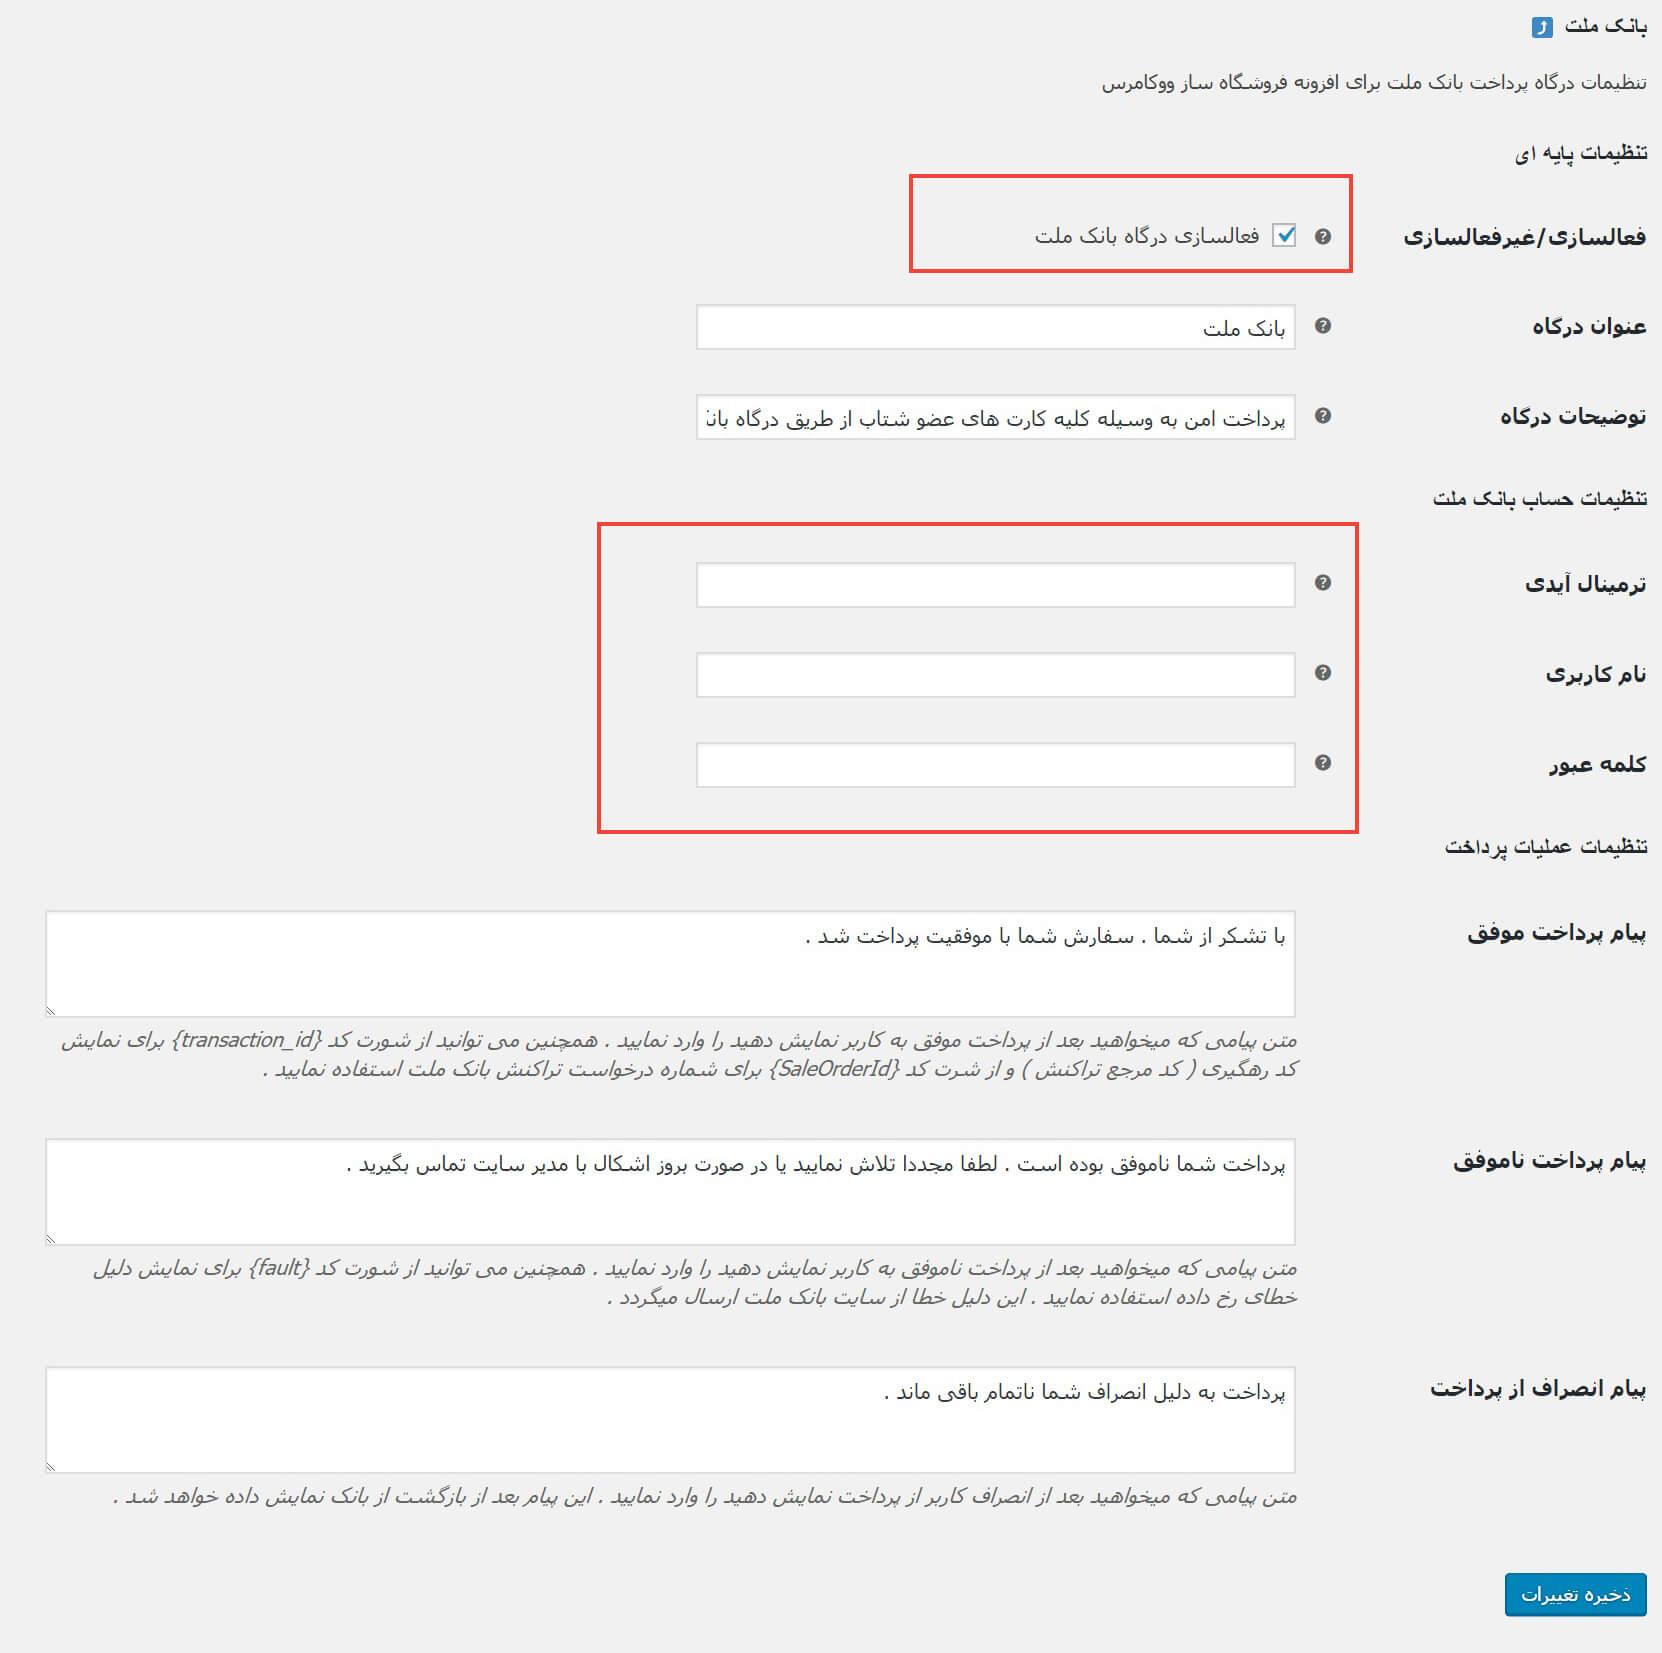 راهاندازی فروشگاه اینترنتی: استفاده از درگاههای پرداختی در ووکامرس